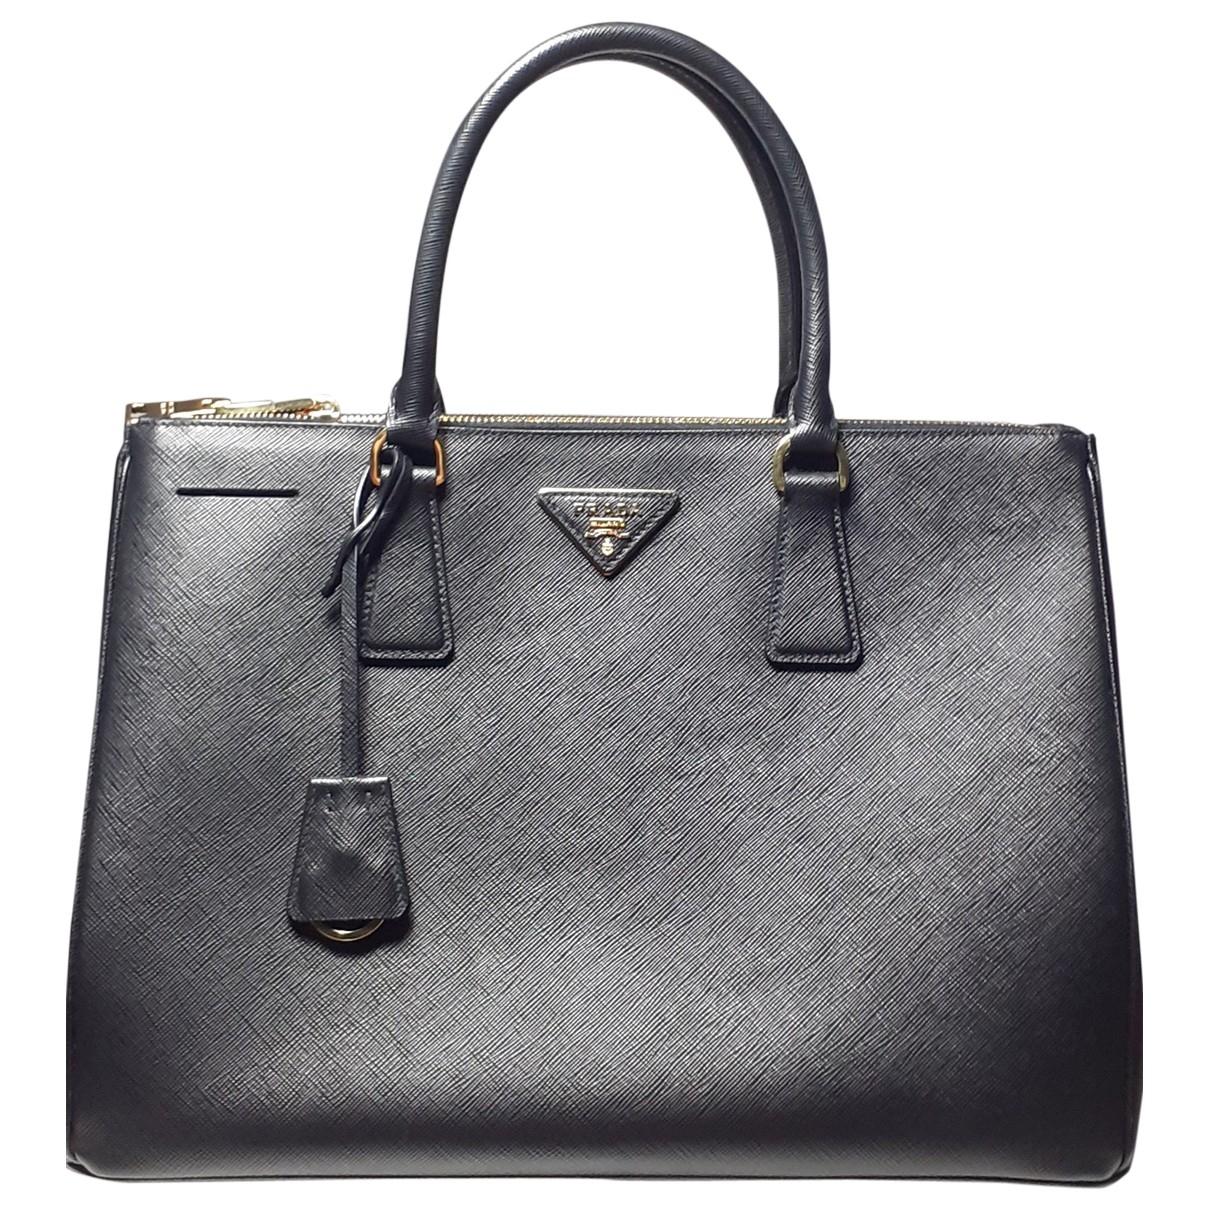 Prada Galleria Handtasche in  Schwarz Leder